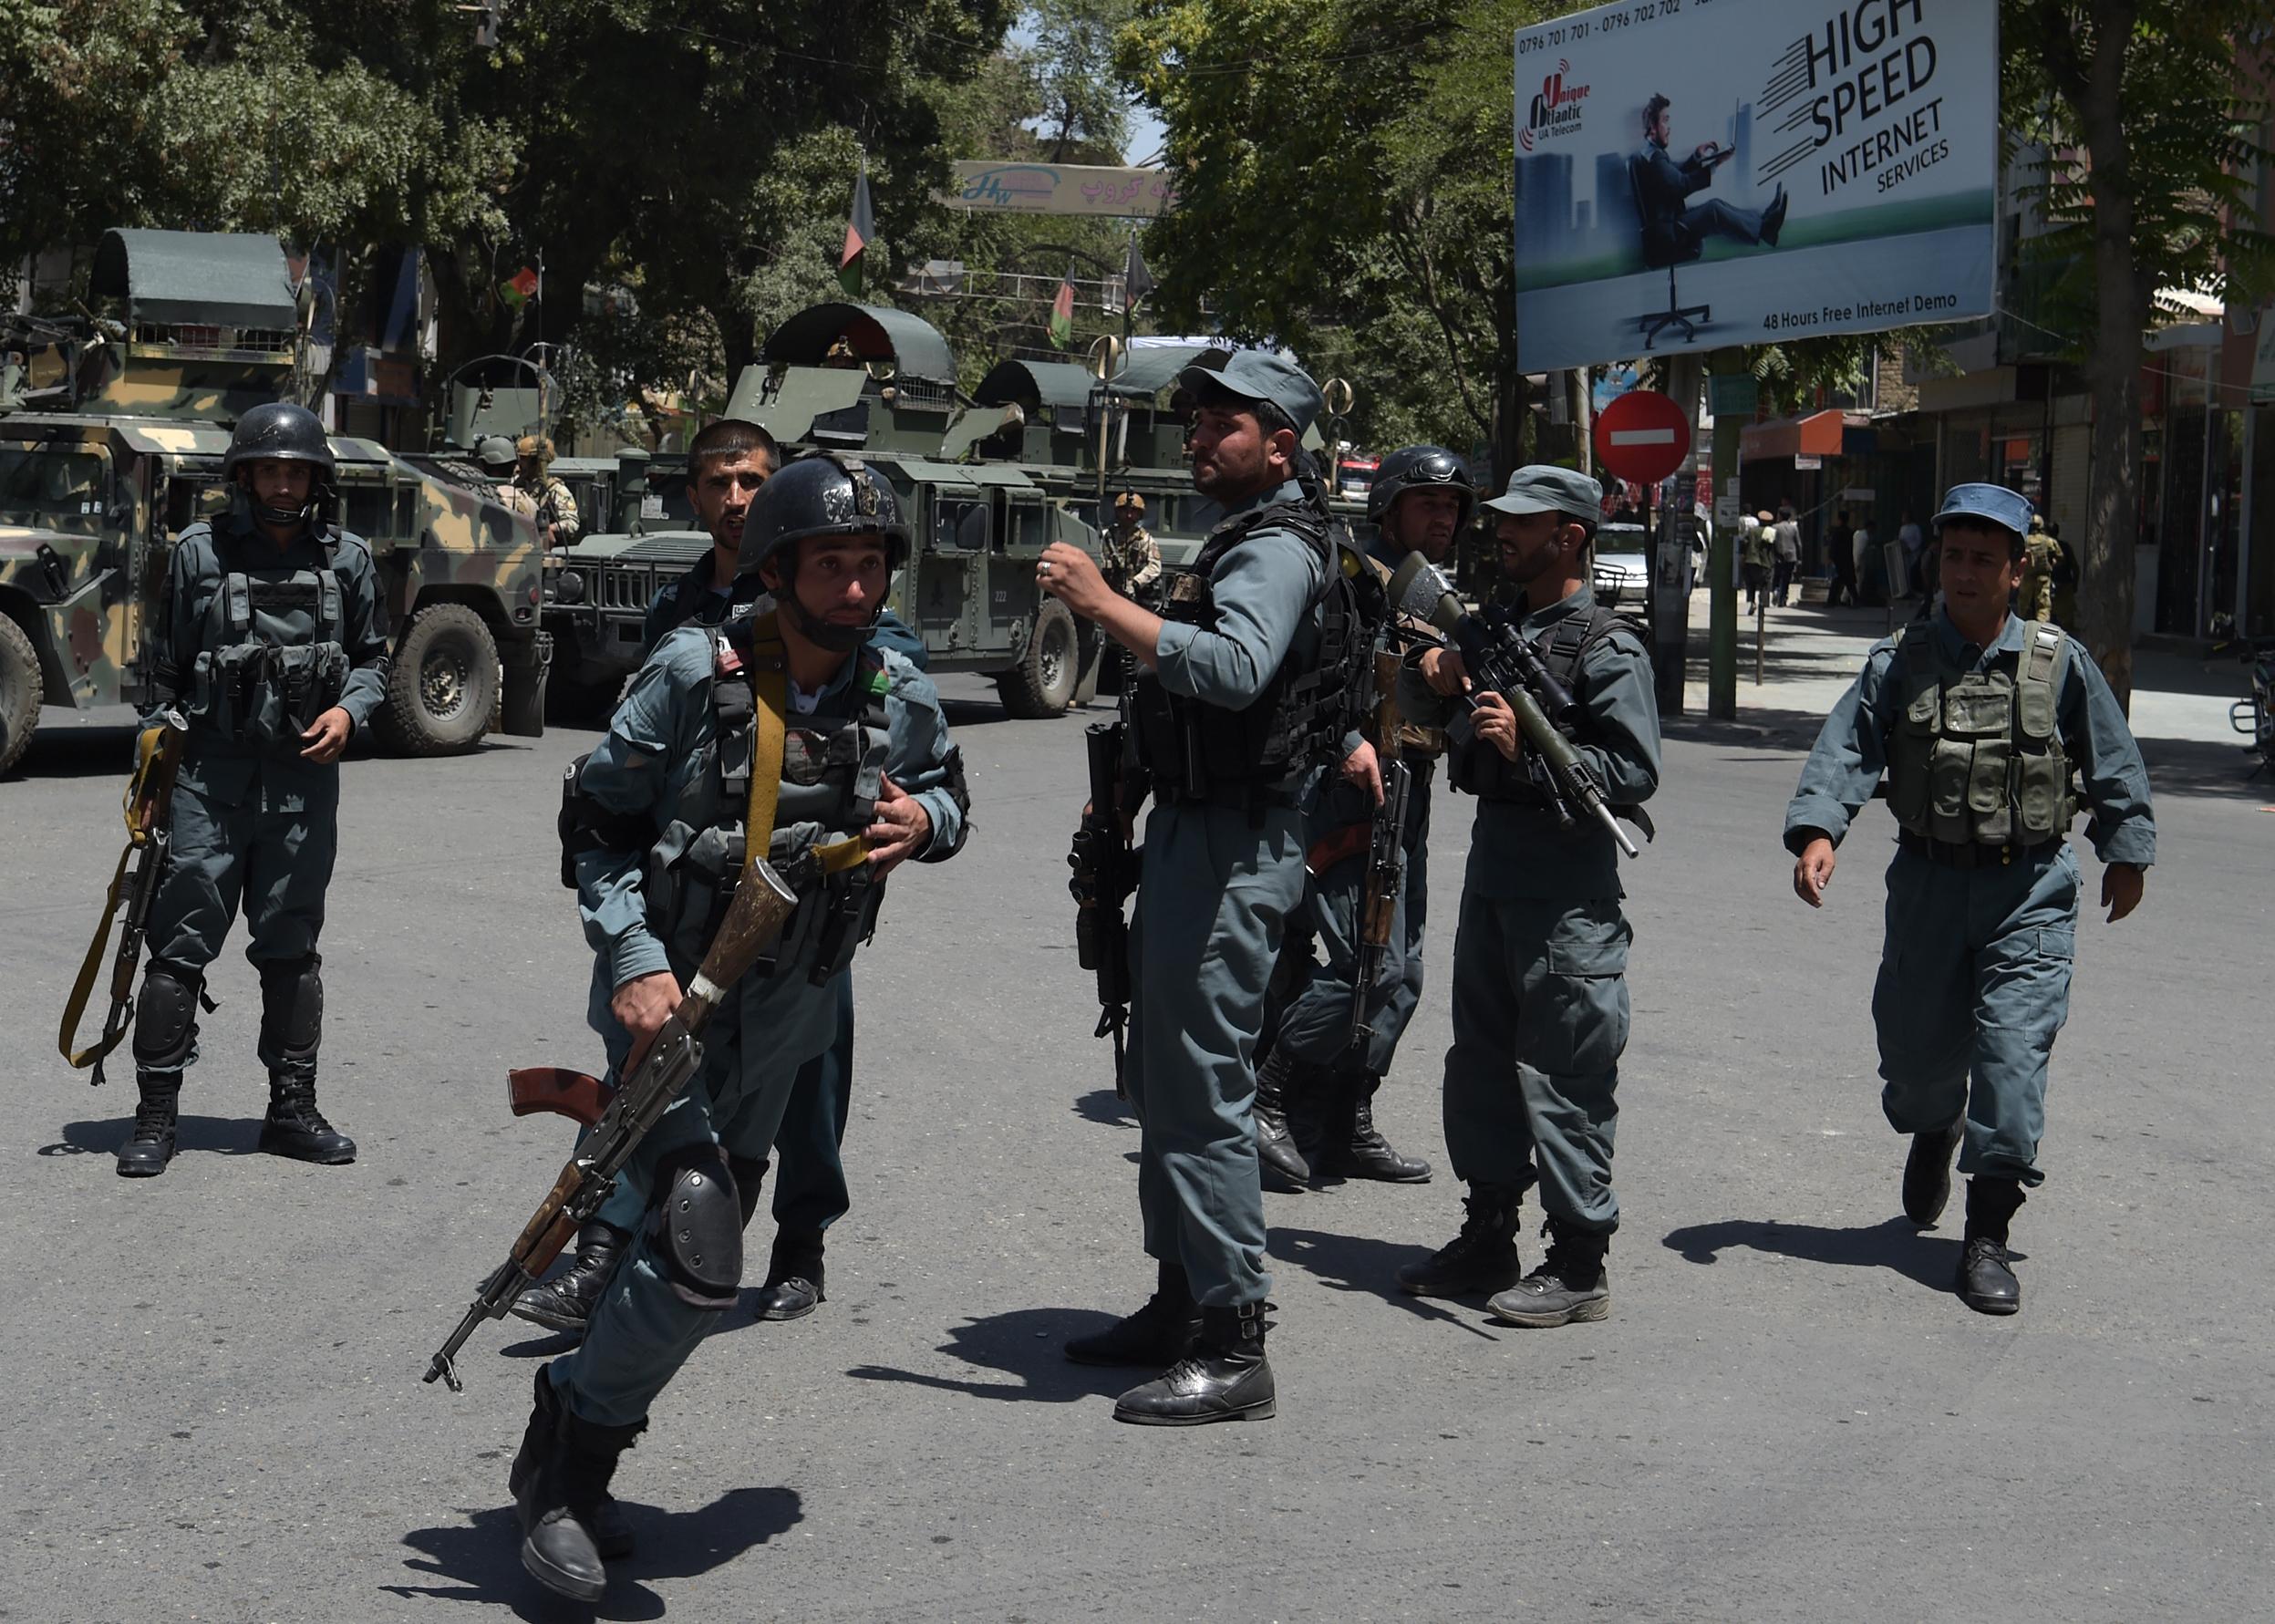 بعد از حمله داعش بر سفارت عراق در کابل همه دیپلومات ها «سلامت» استند